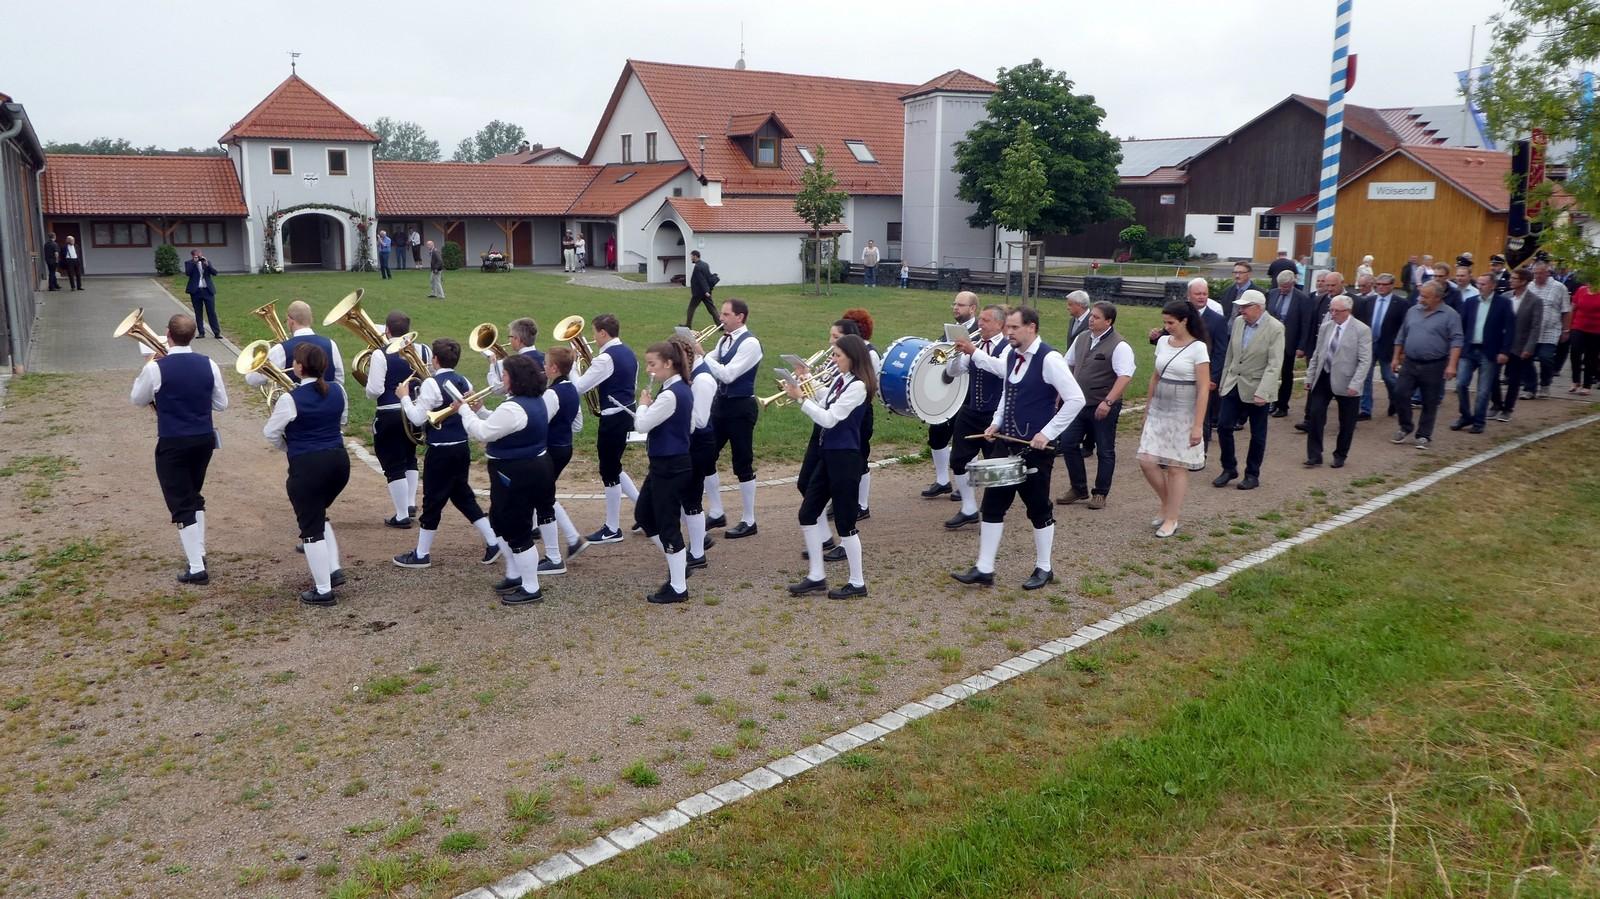 20180609-Abschluss Dorferneuerung Wölsendorf-Helferfest 01 Wilhelm Thomas P1000969